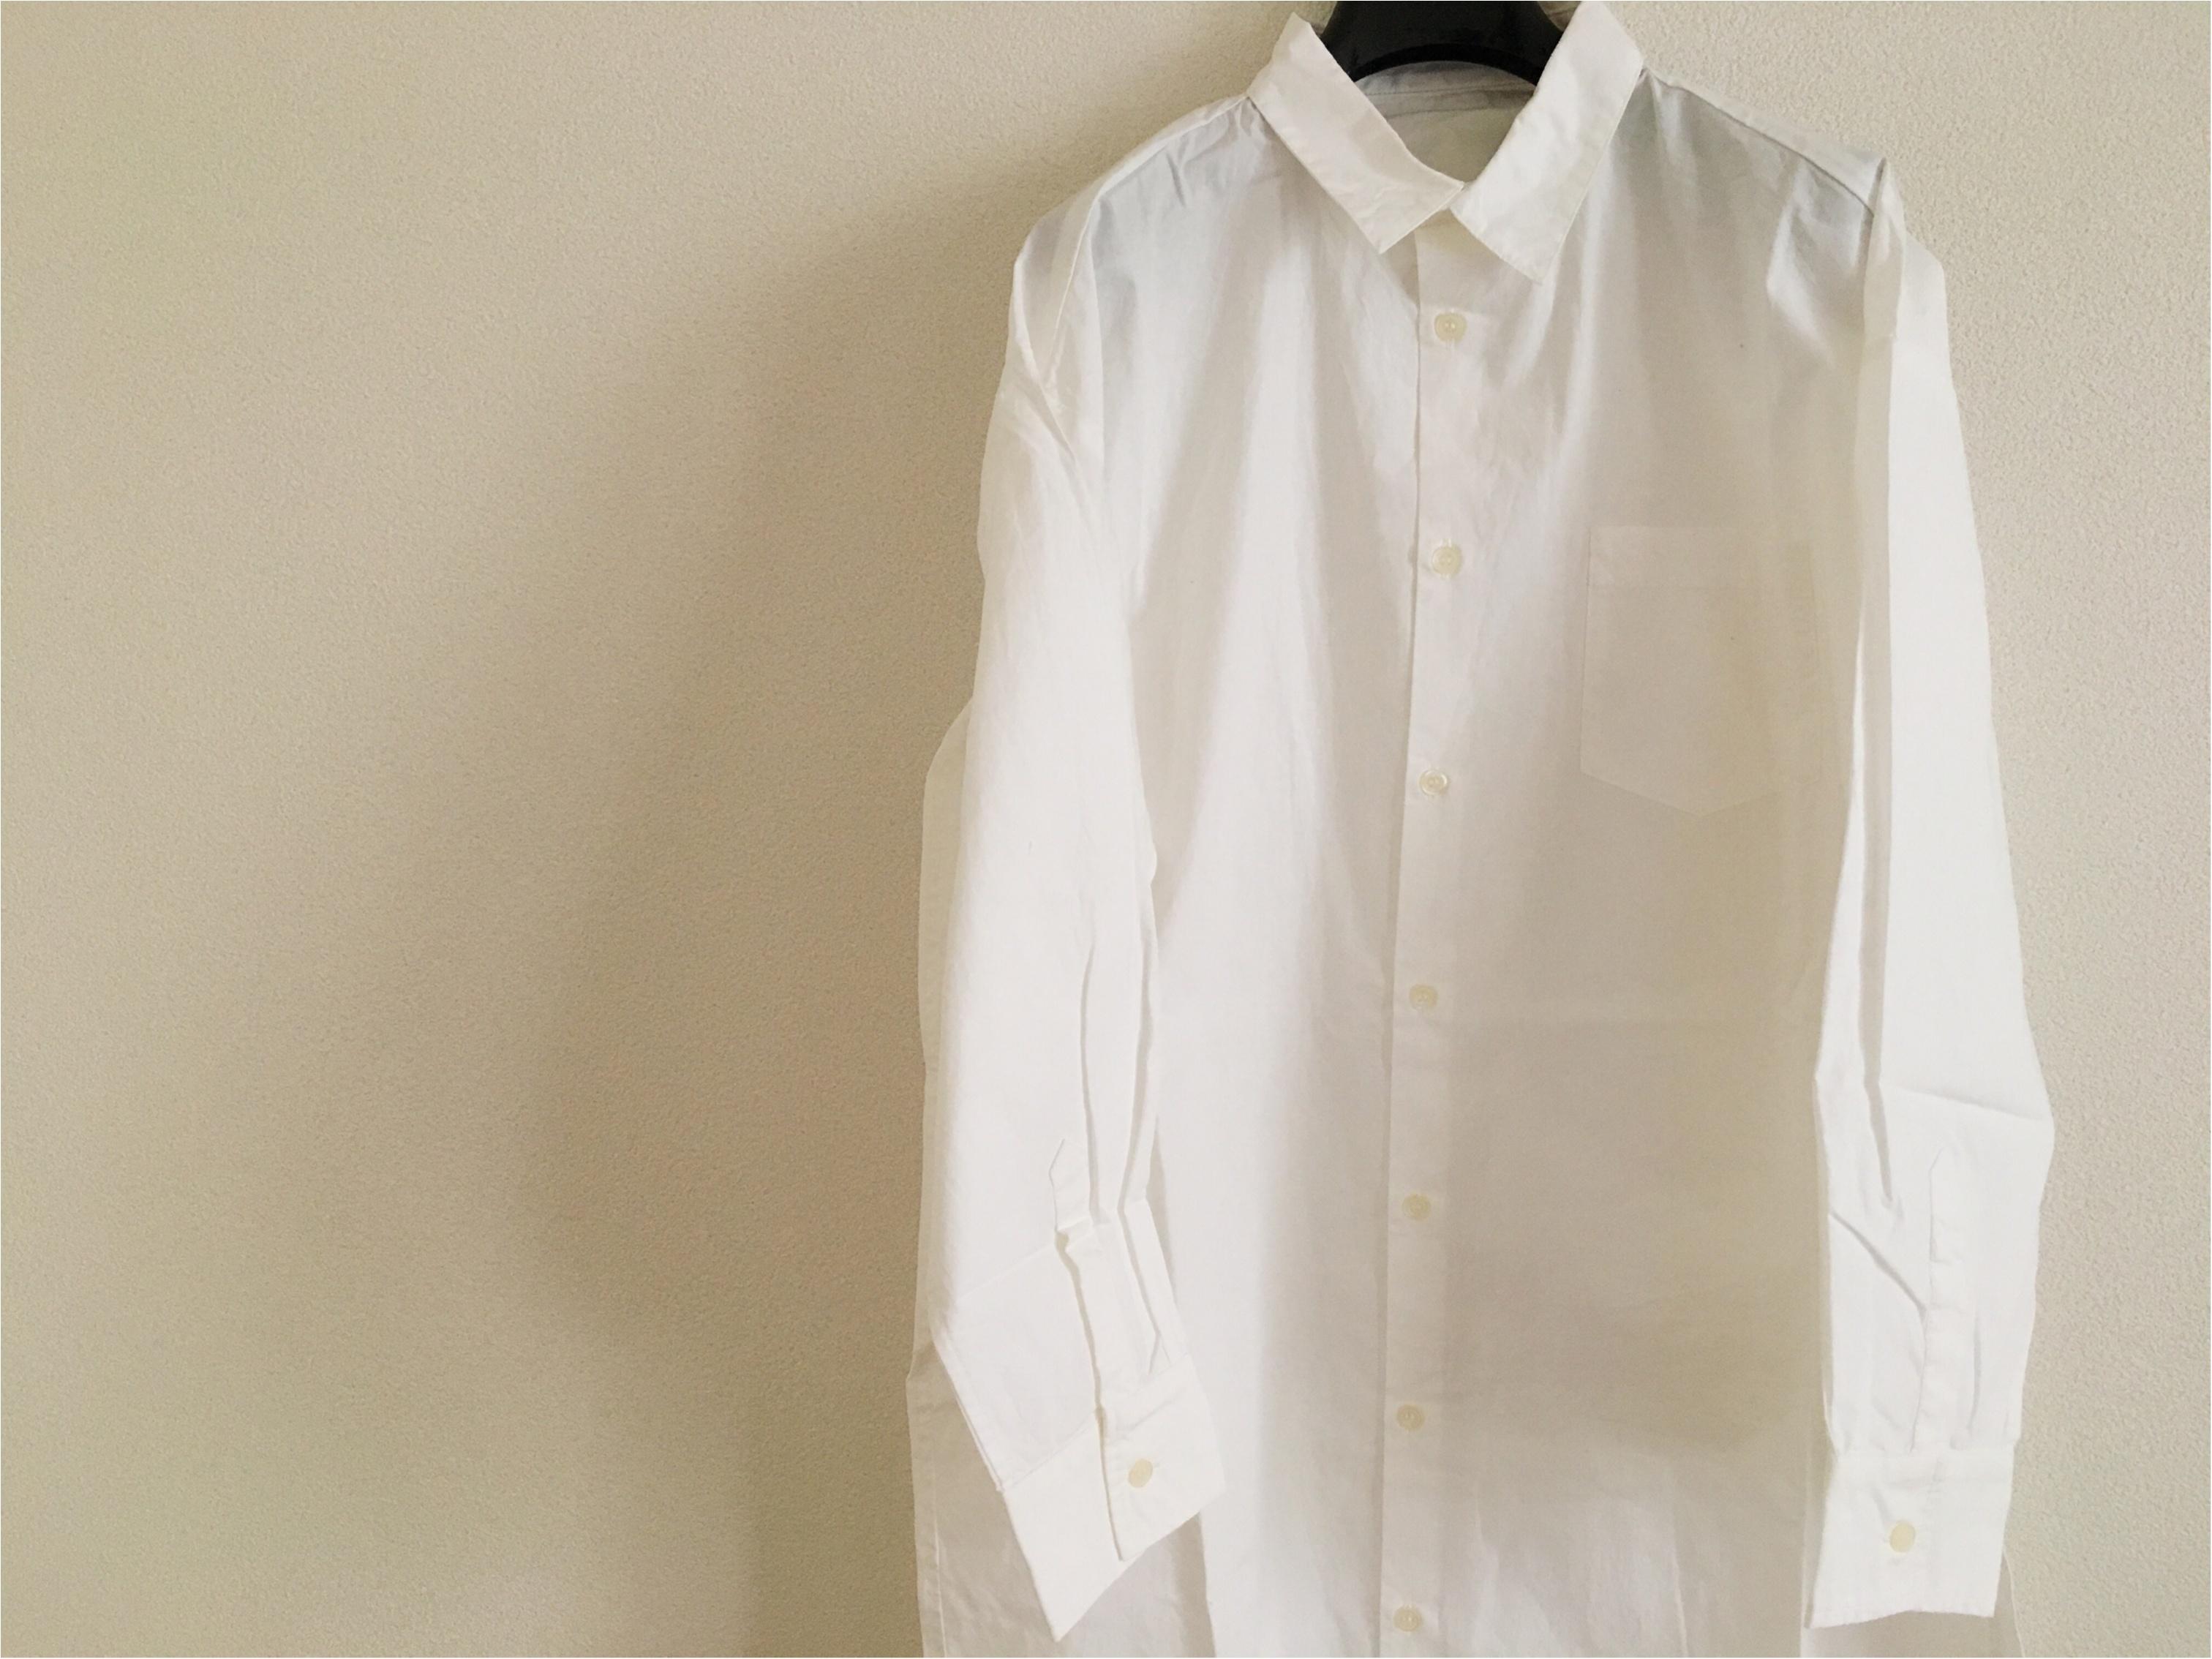 ★《白のシャツワンピ》が使える!一泊二日の旅行でも違う着方でイメージチェンジ♩♩_1